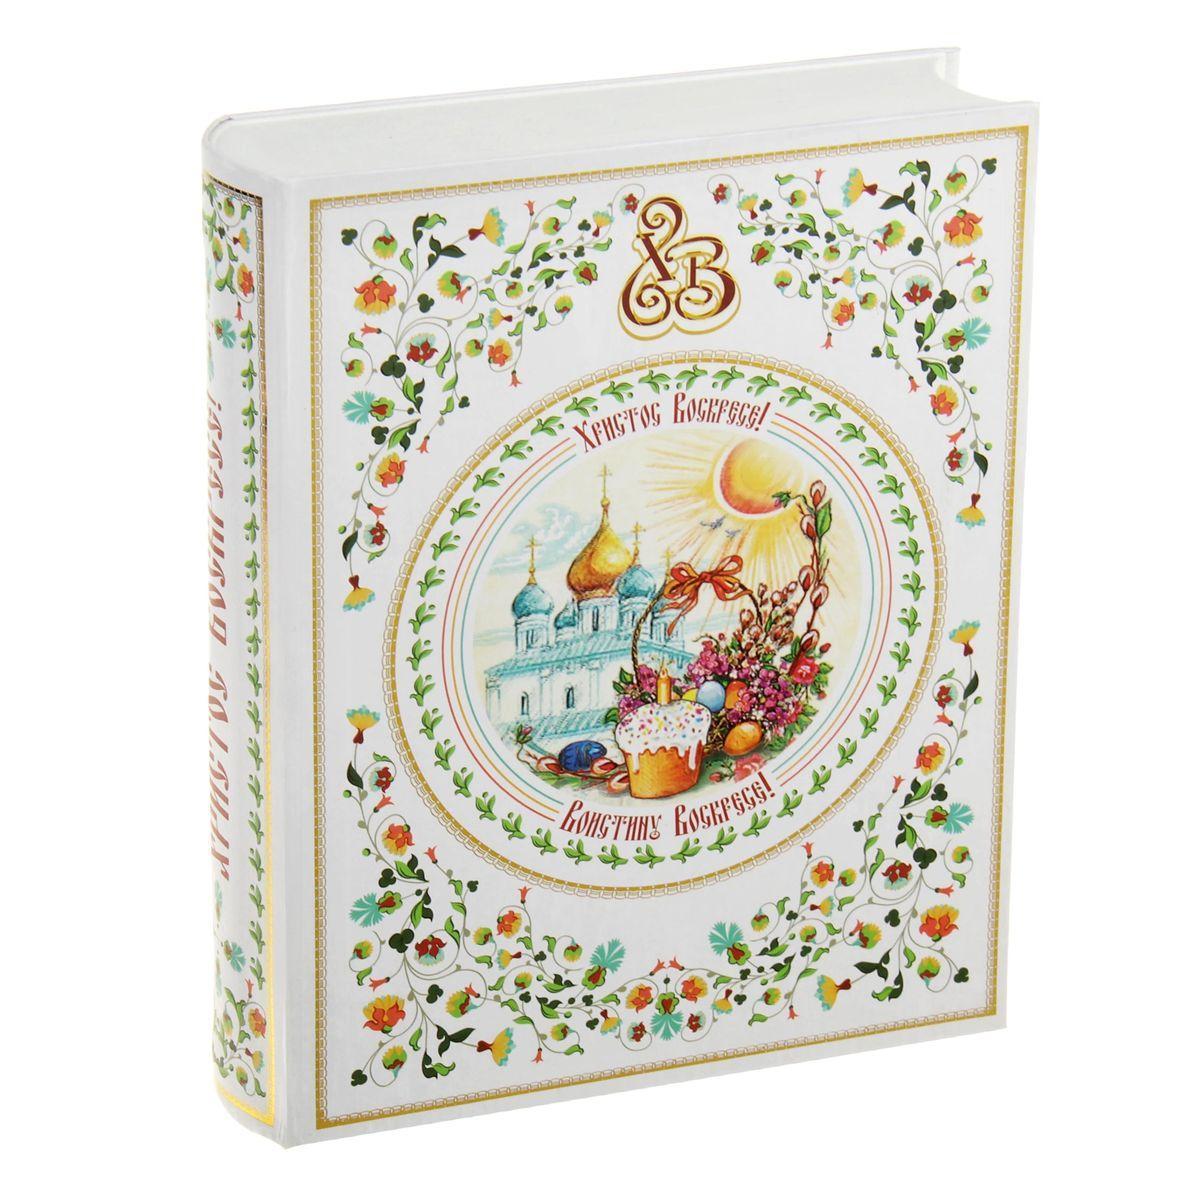 Книга-шкатулка Пасха цветочная, 22 х 16,5 х 4,5 см 87762512723Эта книга-шкатулка выполнена в виде издания всем известного Пасха цветочная. Она имеет углубление для хранения купюр, в котором удобно разместится даже увесистая пачка денег. Обложка книги-шкатулки изготовлена из прочного картона и покрыта глянцевой бумагой.Такая книга-шкатулка станет замечательным подарком-сюрпризом и послужит накоплению личного капитала. Материал: Пластик